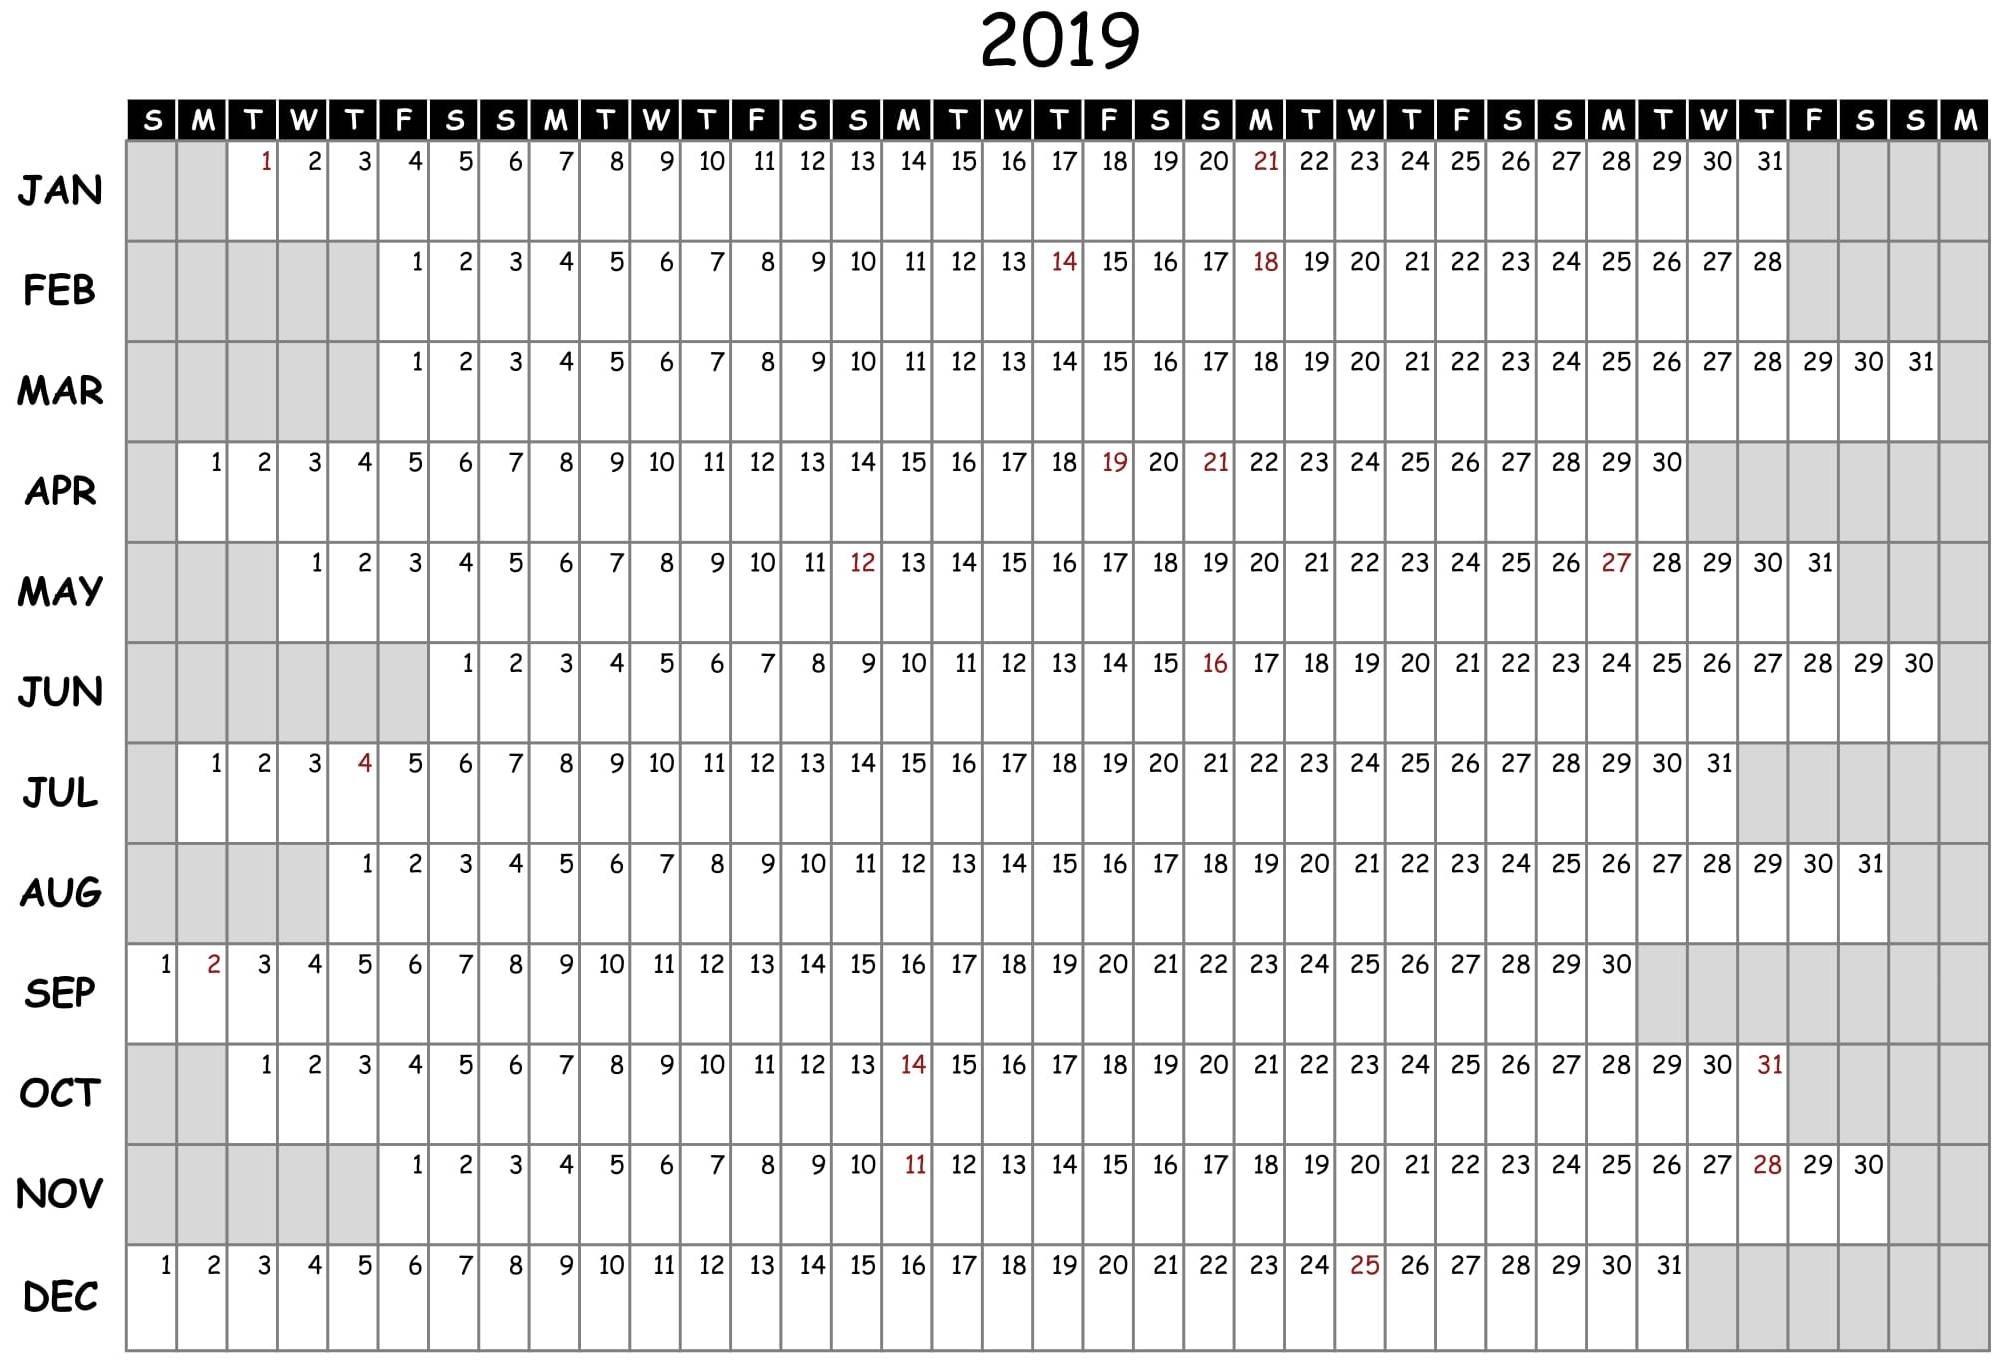 2019 Attendance Calendar Free - Vapha.kaptanband.co  Ppe 2020 Employee Attendance Calendar 2020